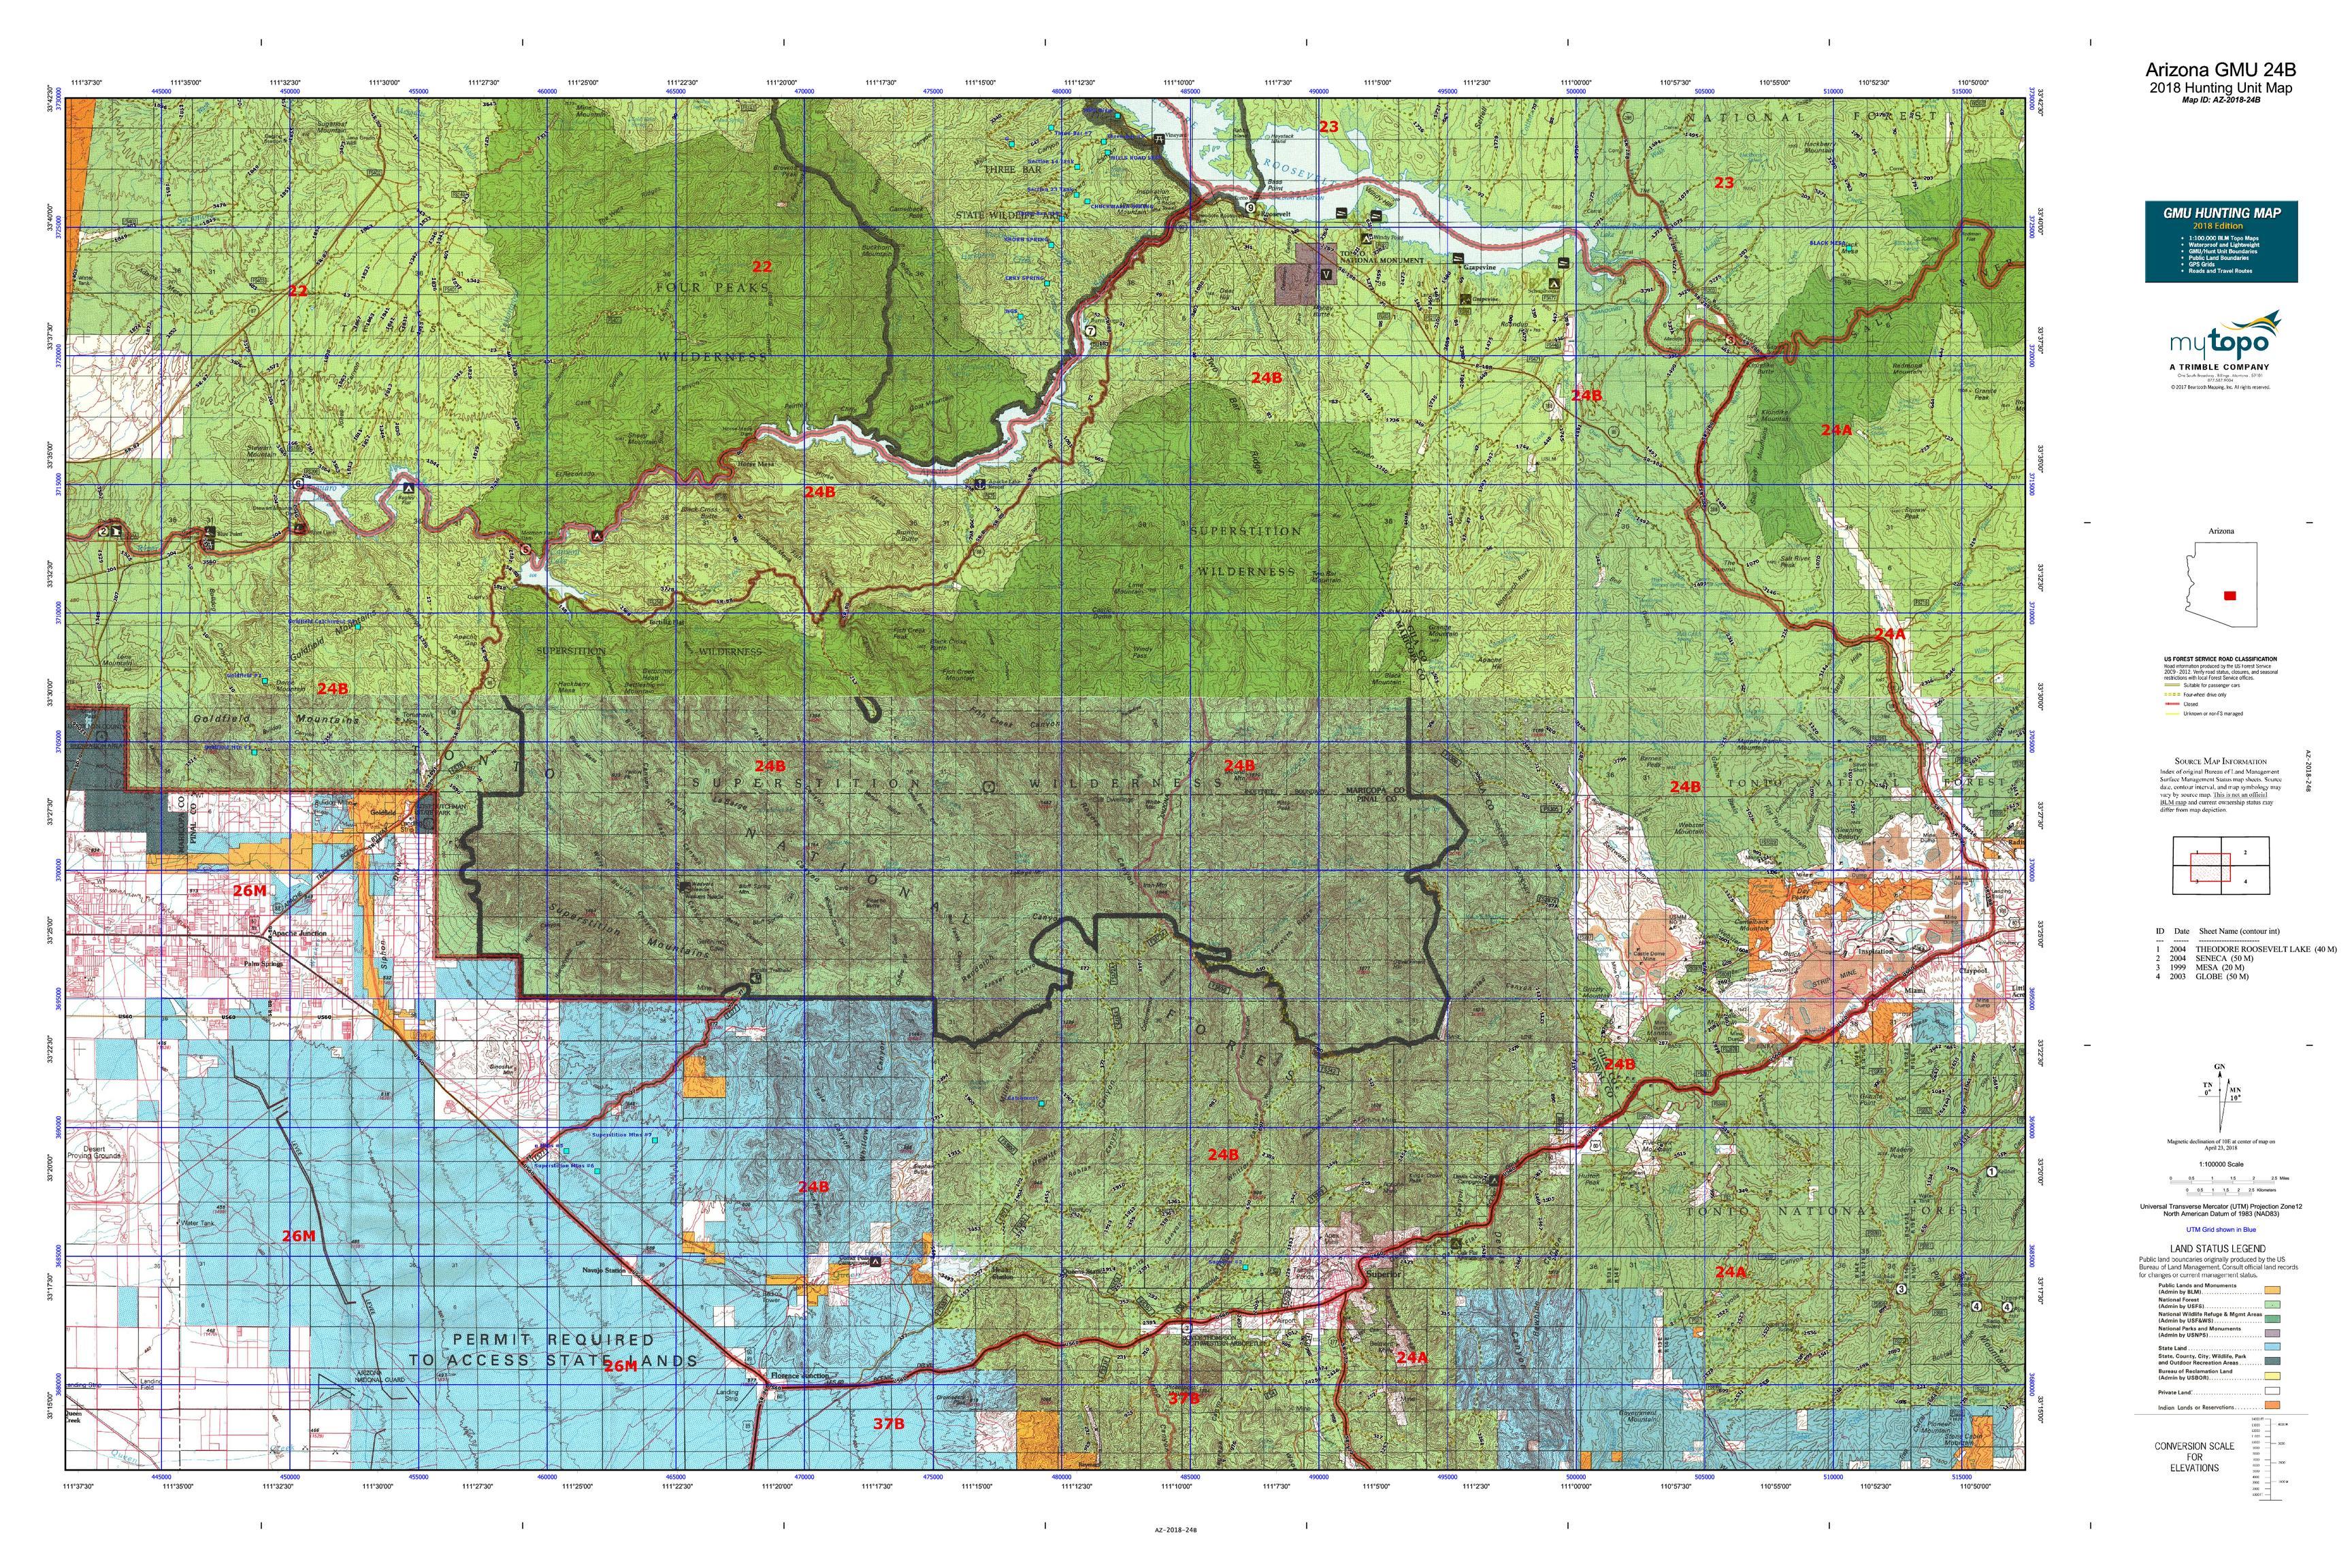 Map Of Arizona Detailed.Arizona Gmu 24b Map Mytopo